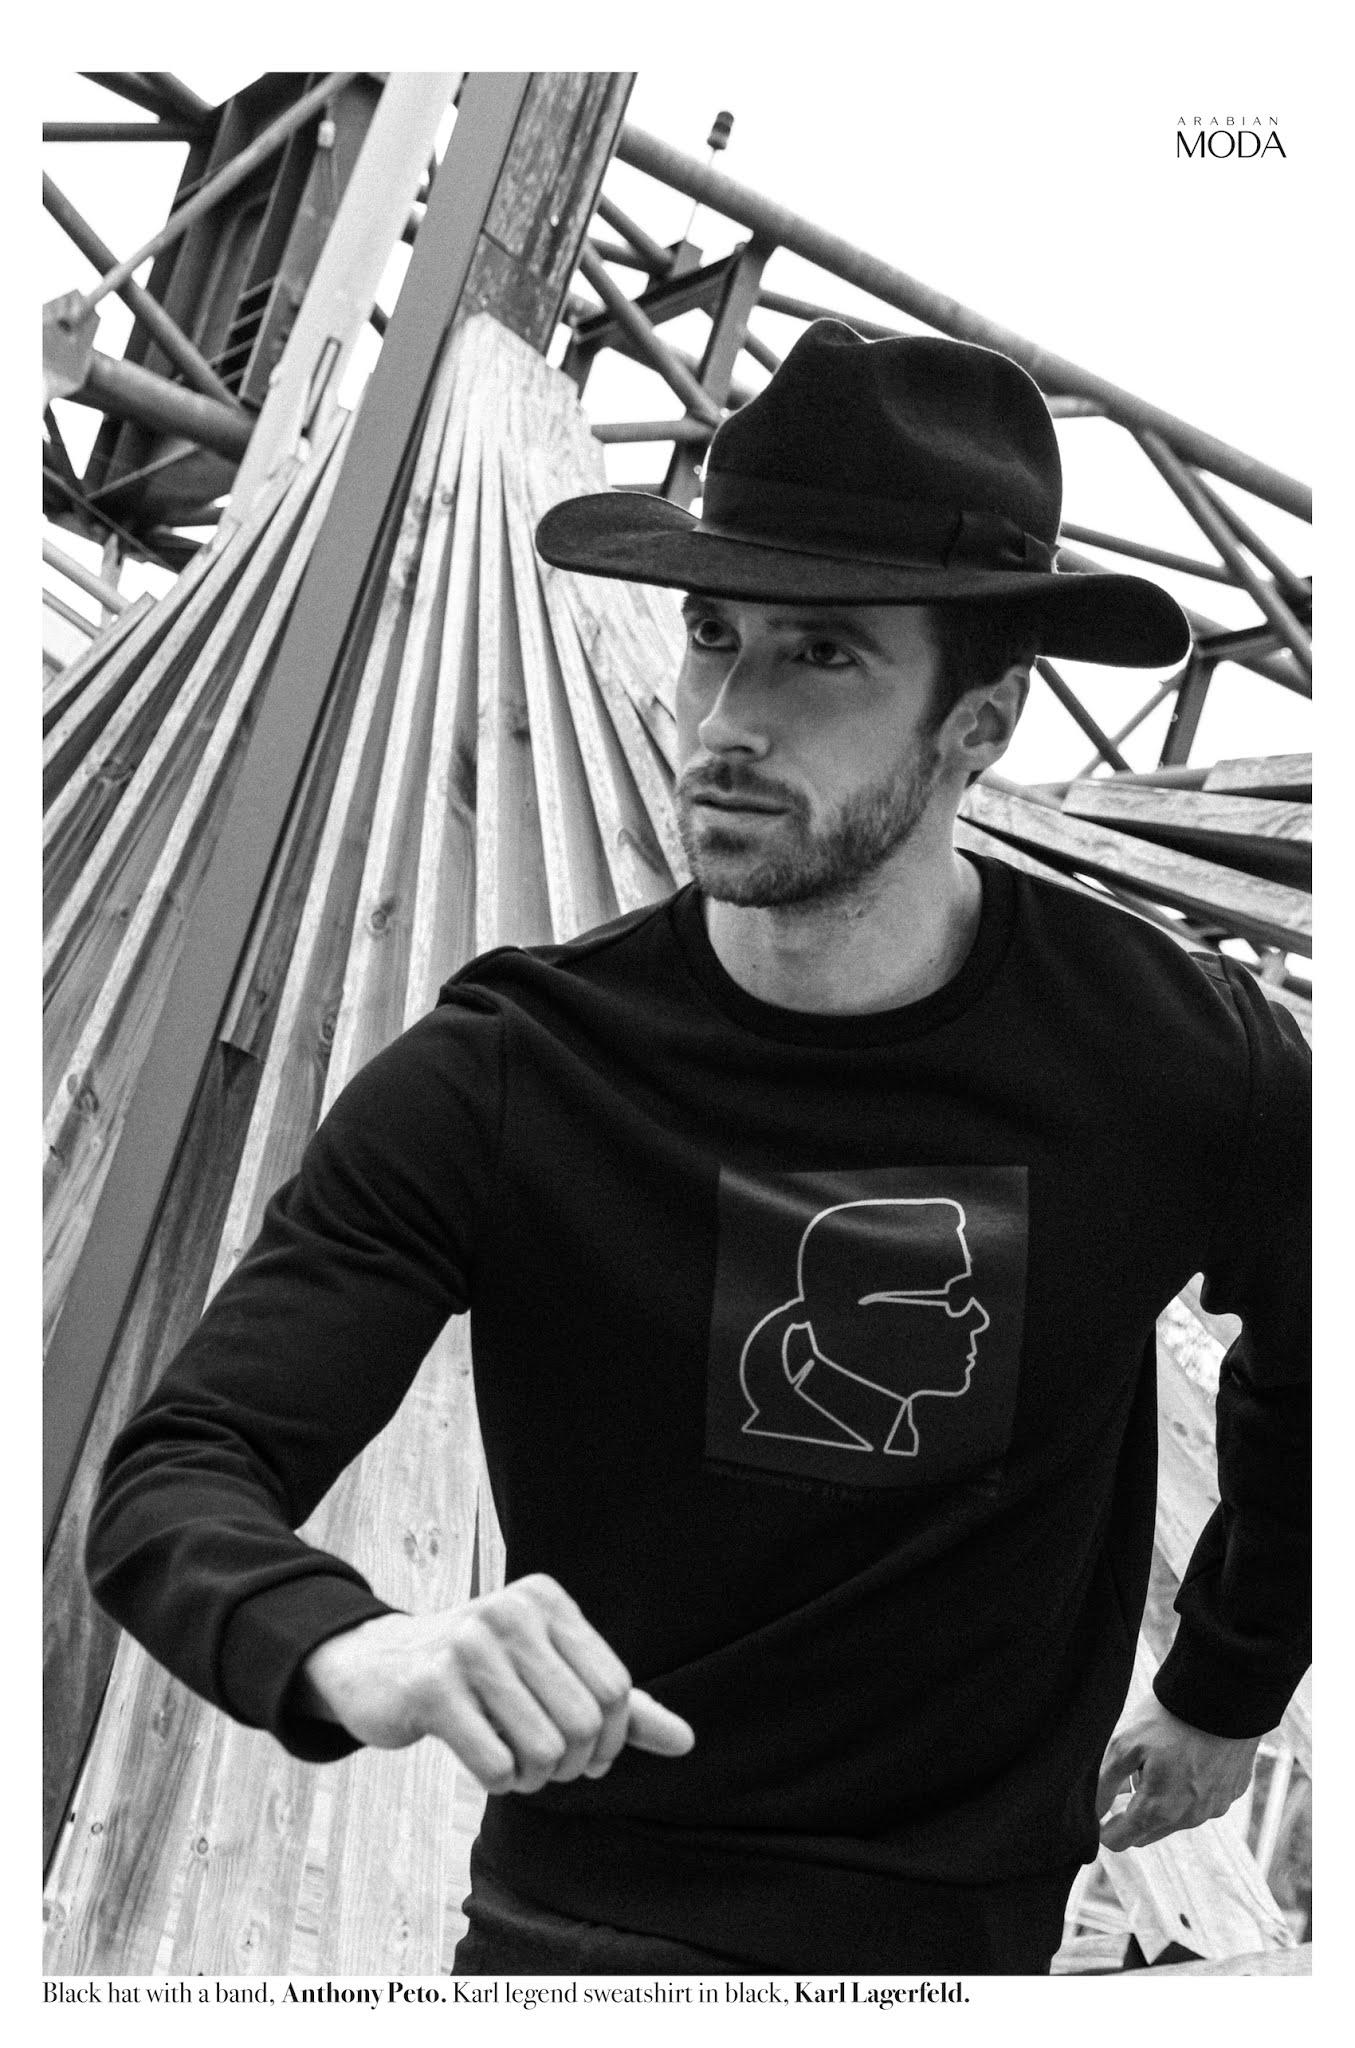 Arabian Moda x Anthony Peto x Karl Lagerfeld